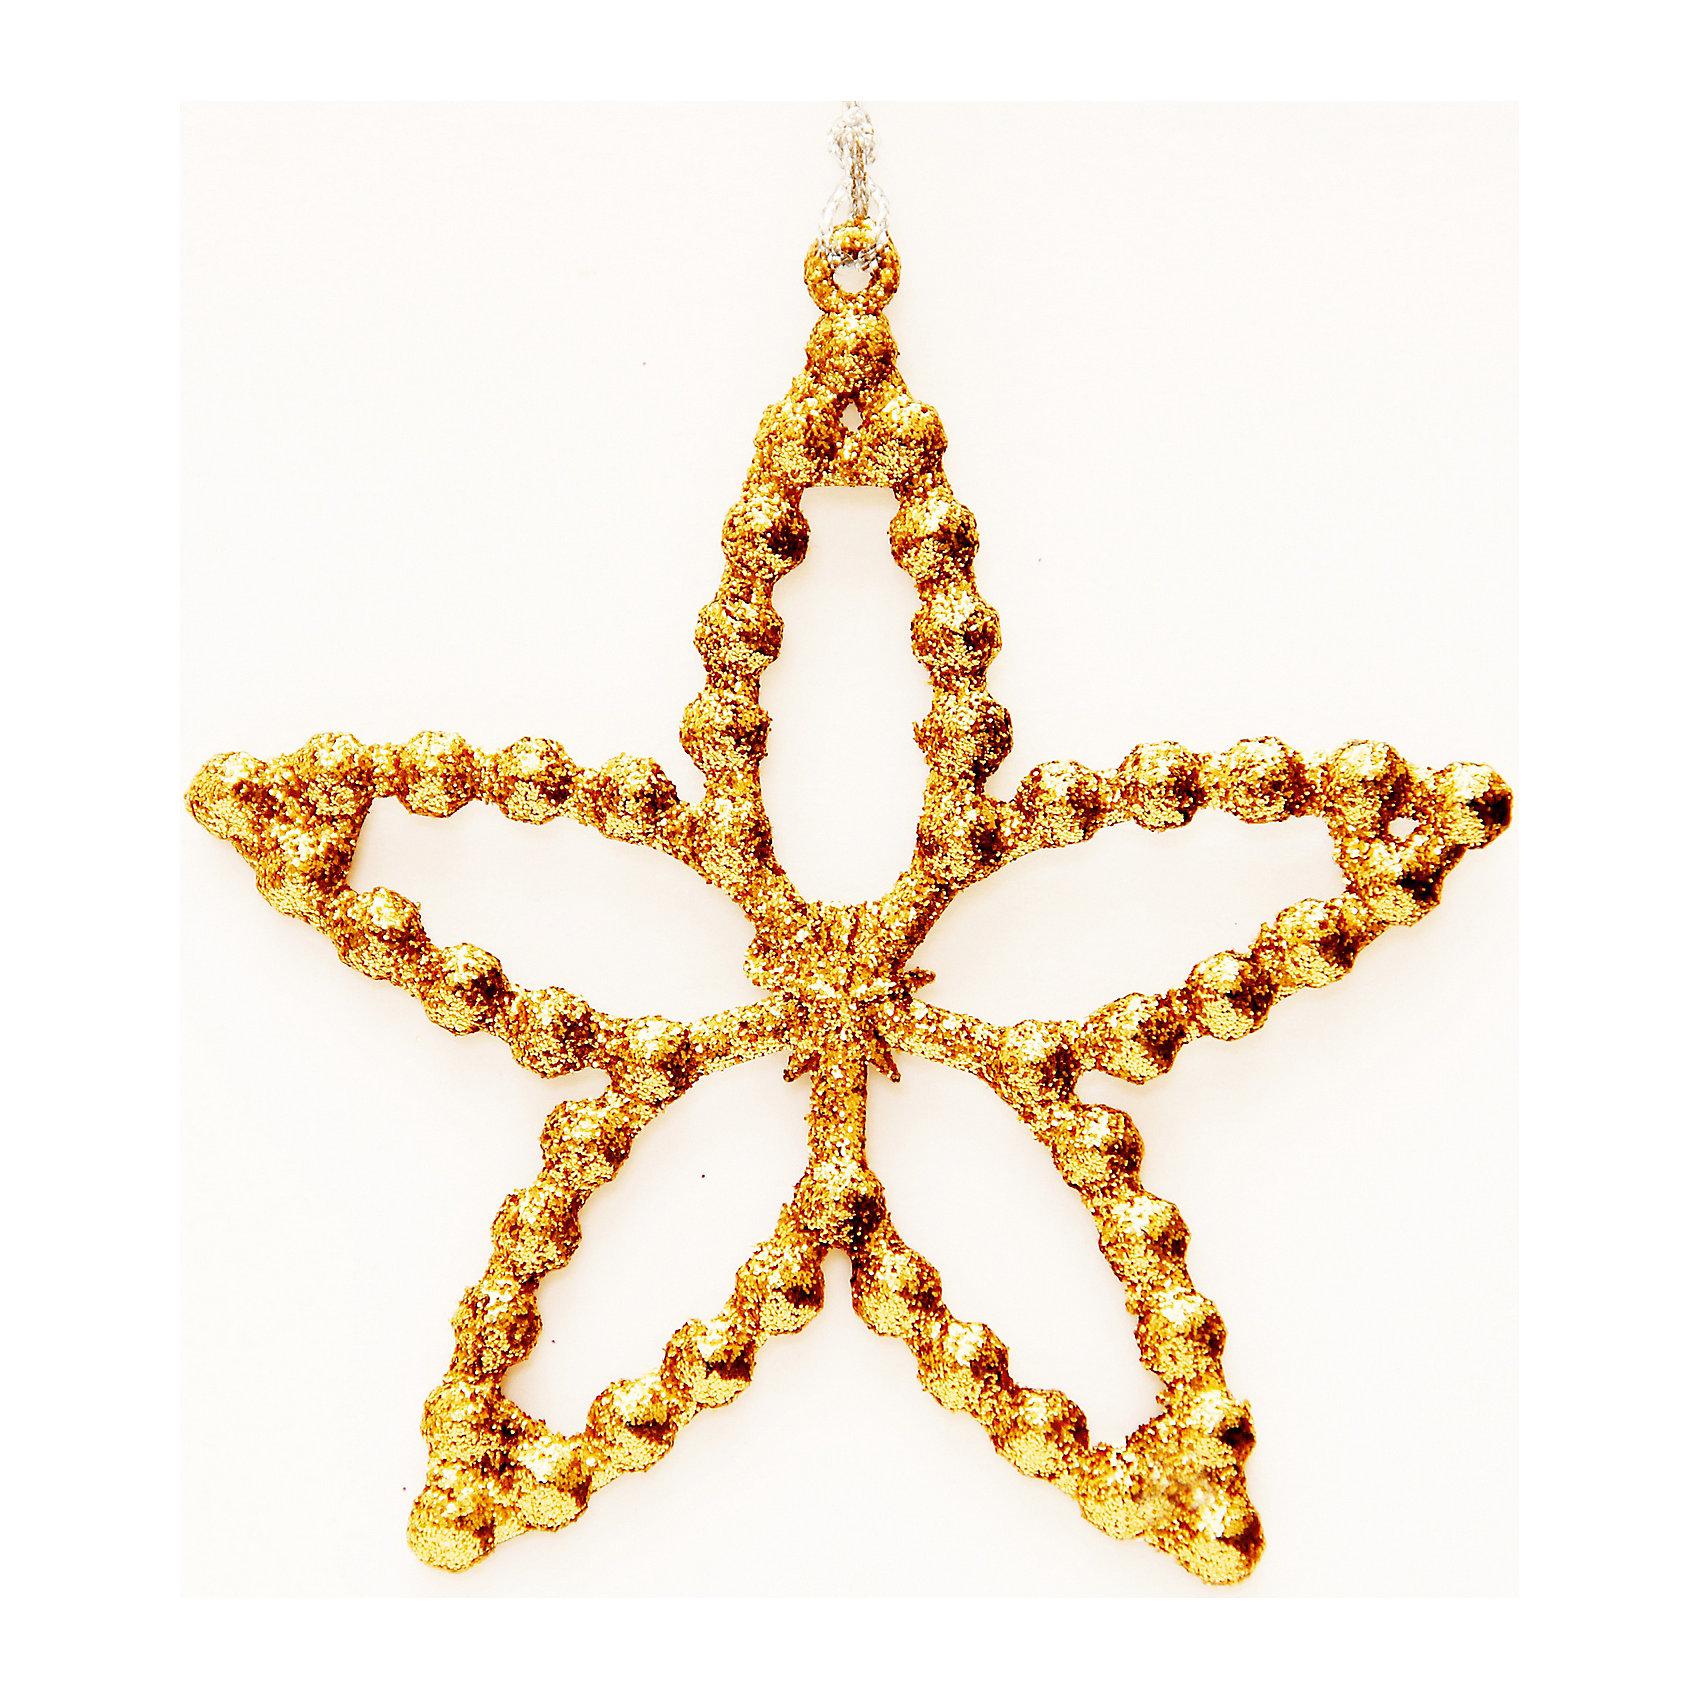 Украшение Золотая звездочкаОригинальное подвесное украшение станет прекрасным памятным сувениром и займет достойное место на новогодней елке.<br><br>Дополнительная информация:<br><br>- Материал: полипропилен. <br>- Размер: 10 см. <br><br>Украшение Золотая звездочка можно купить в нашем магазине.<br><br>Ширина мм: 120<br>Глубина мм: 120<br>Высота мм: 60<br>Вес г: 270<br>Возраст от месяцев: 36<br>Возраст до месяцев: 2147483647<br>Пол: Унисекс<br>Возраст: Детский<br>SKU: 4981339